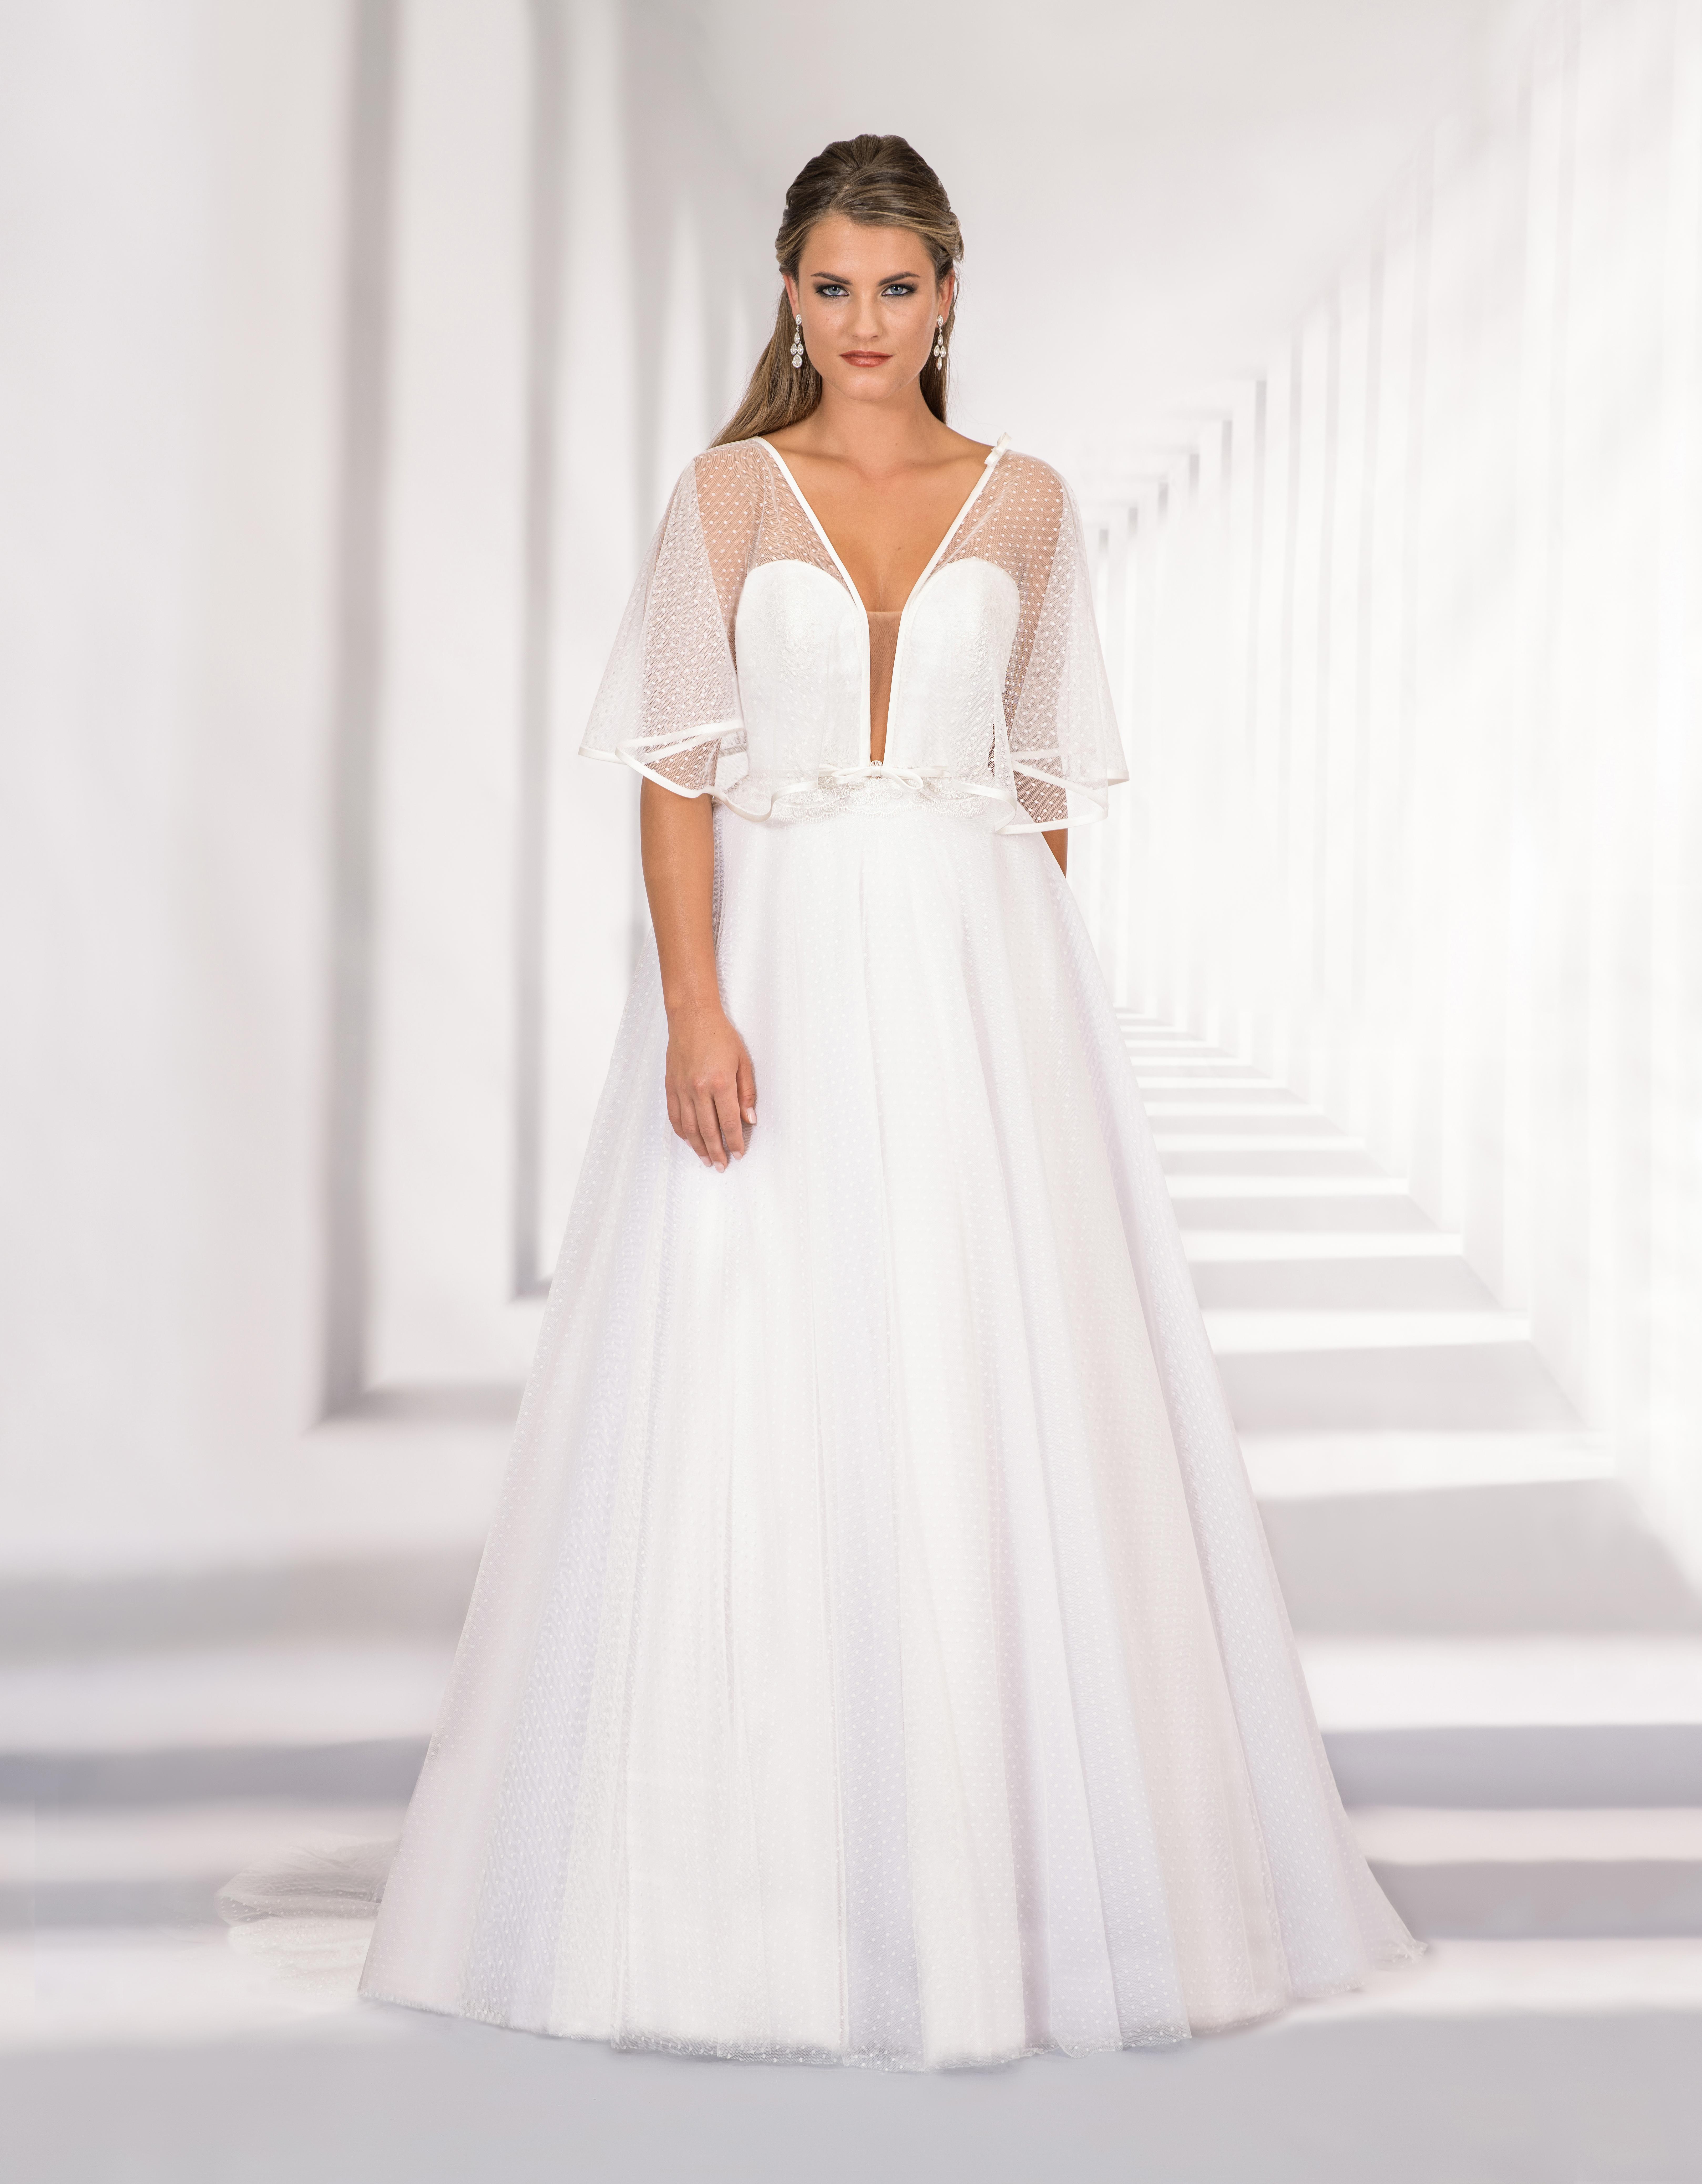 Langes Brautkleid mit tiefem Ausschnitt und Flügelärmel